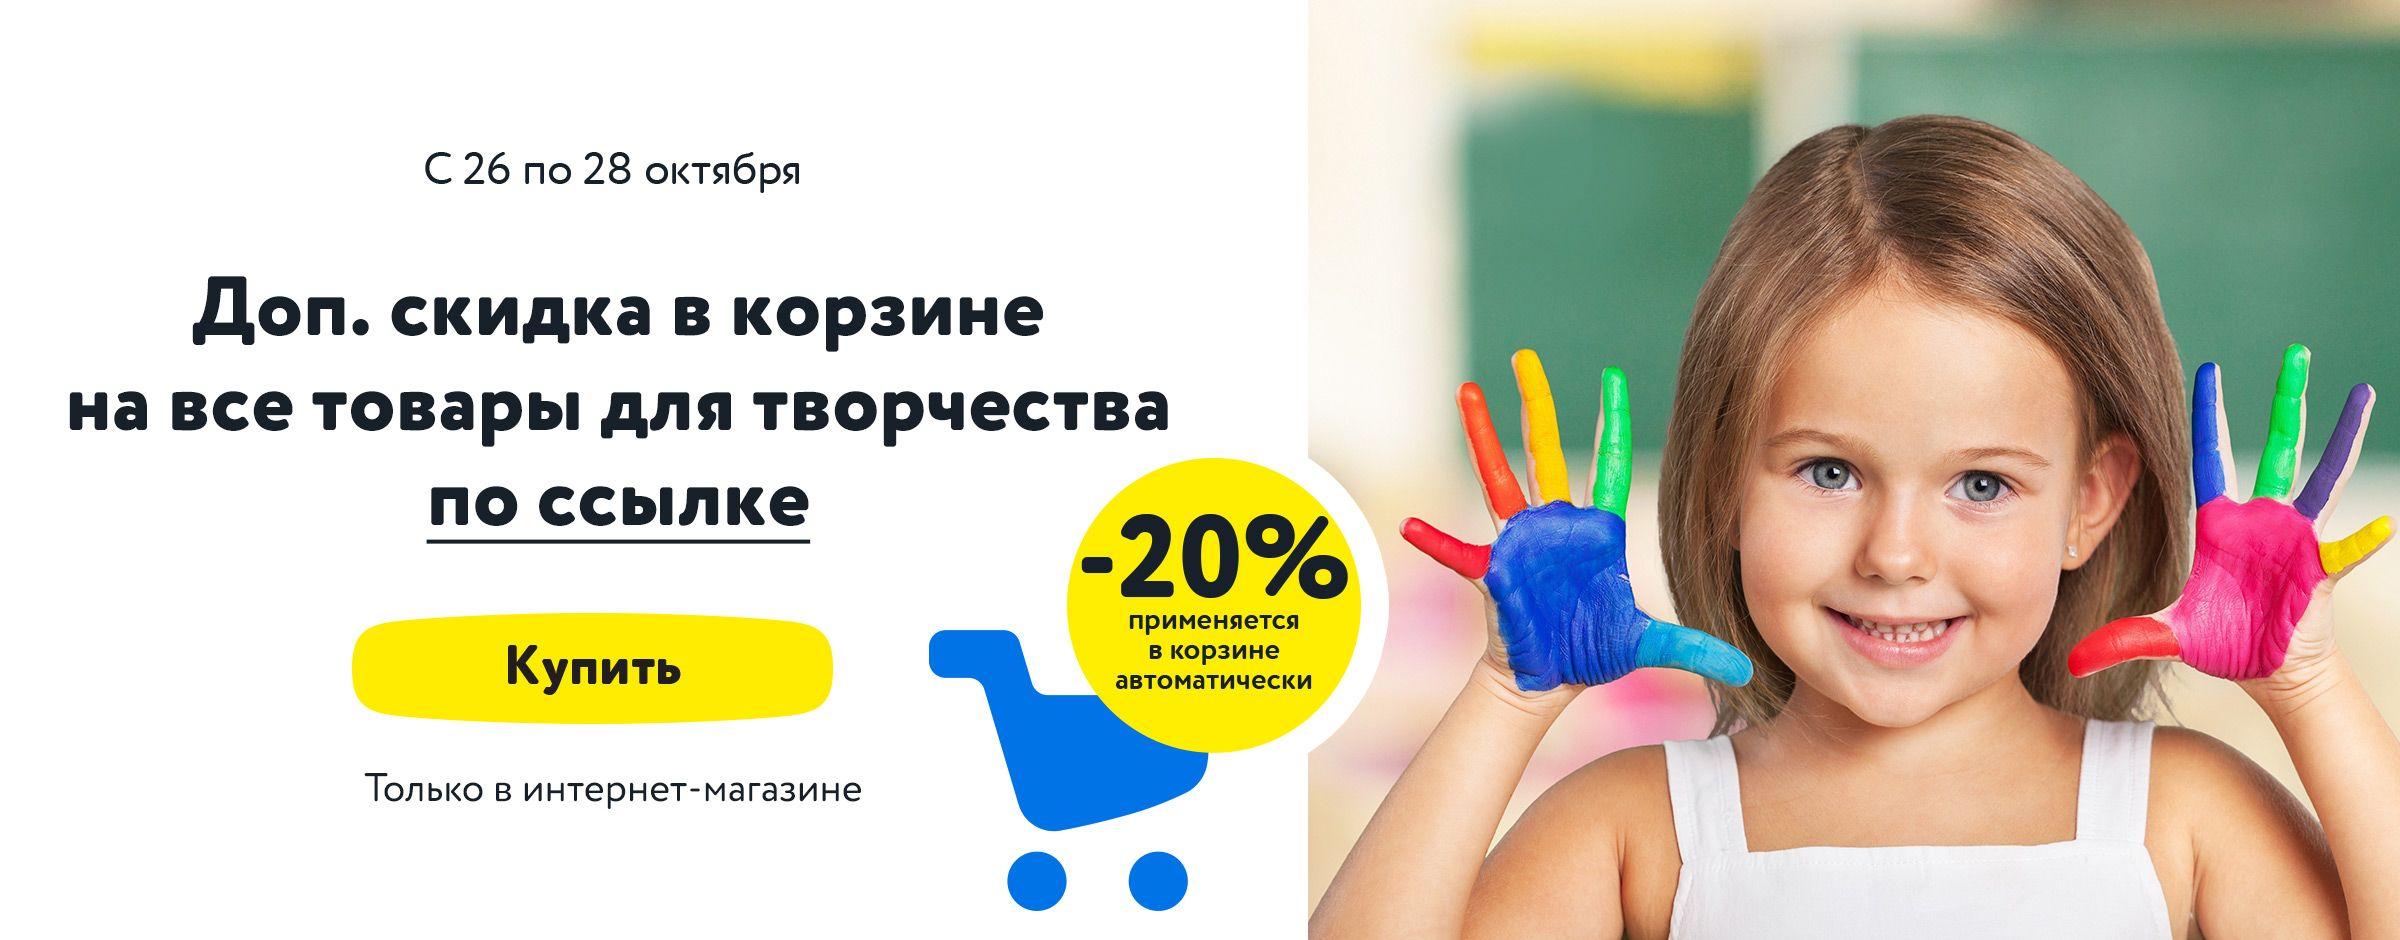 Доп. скидка 20% на товары для творчества